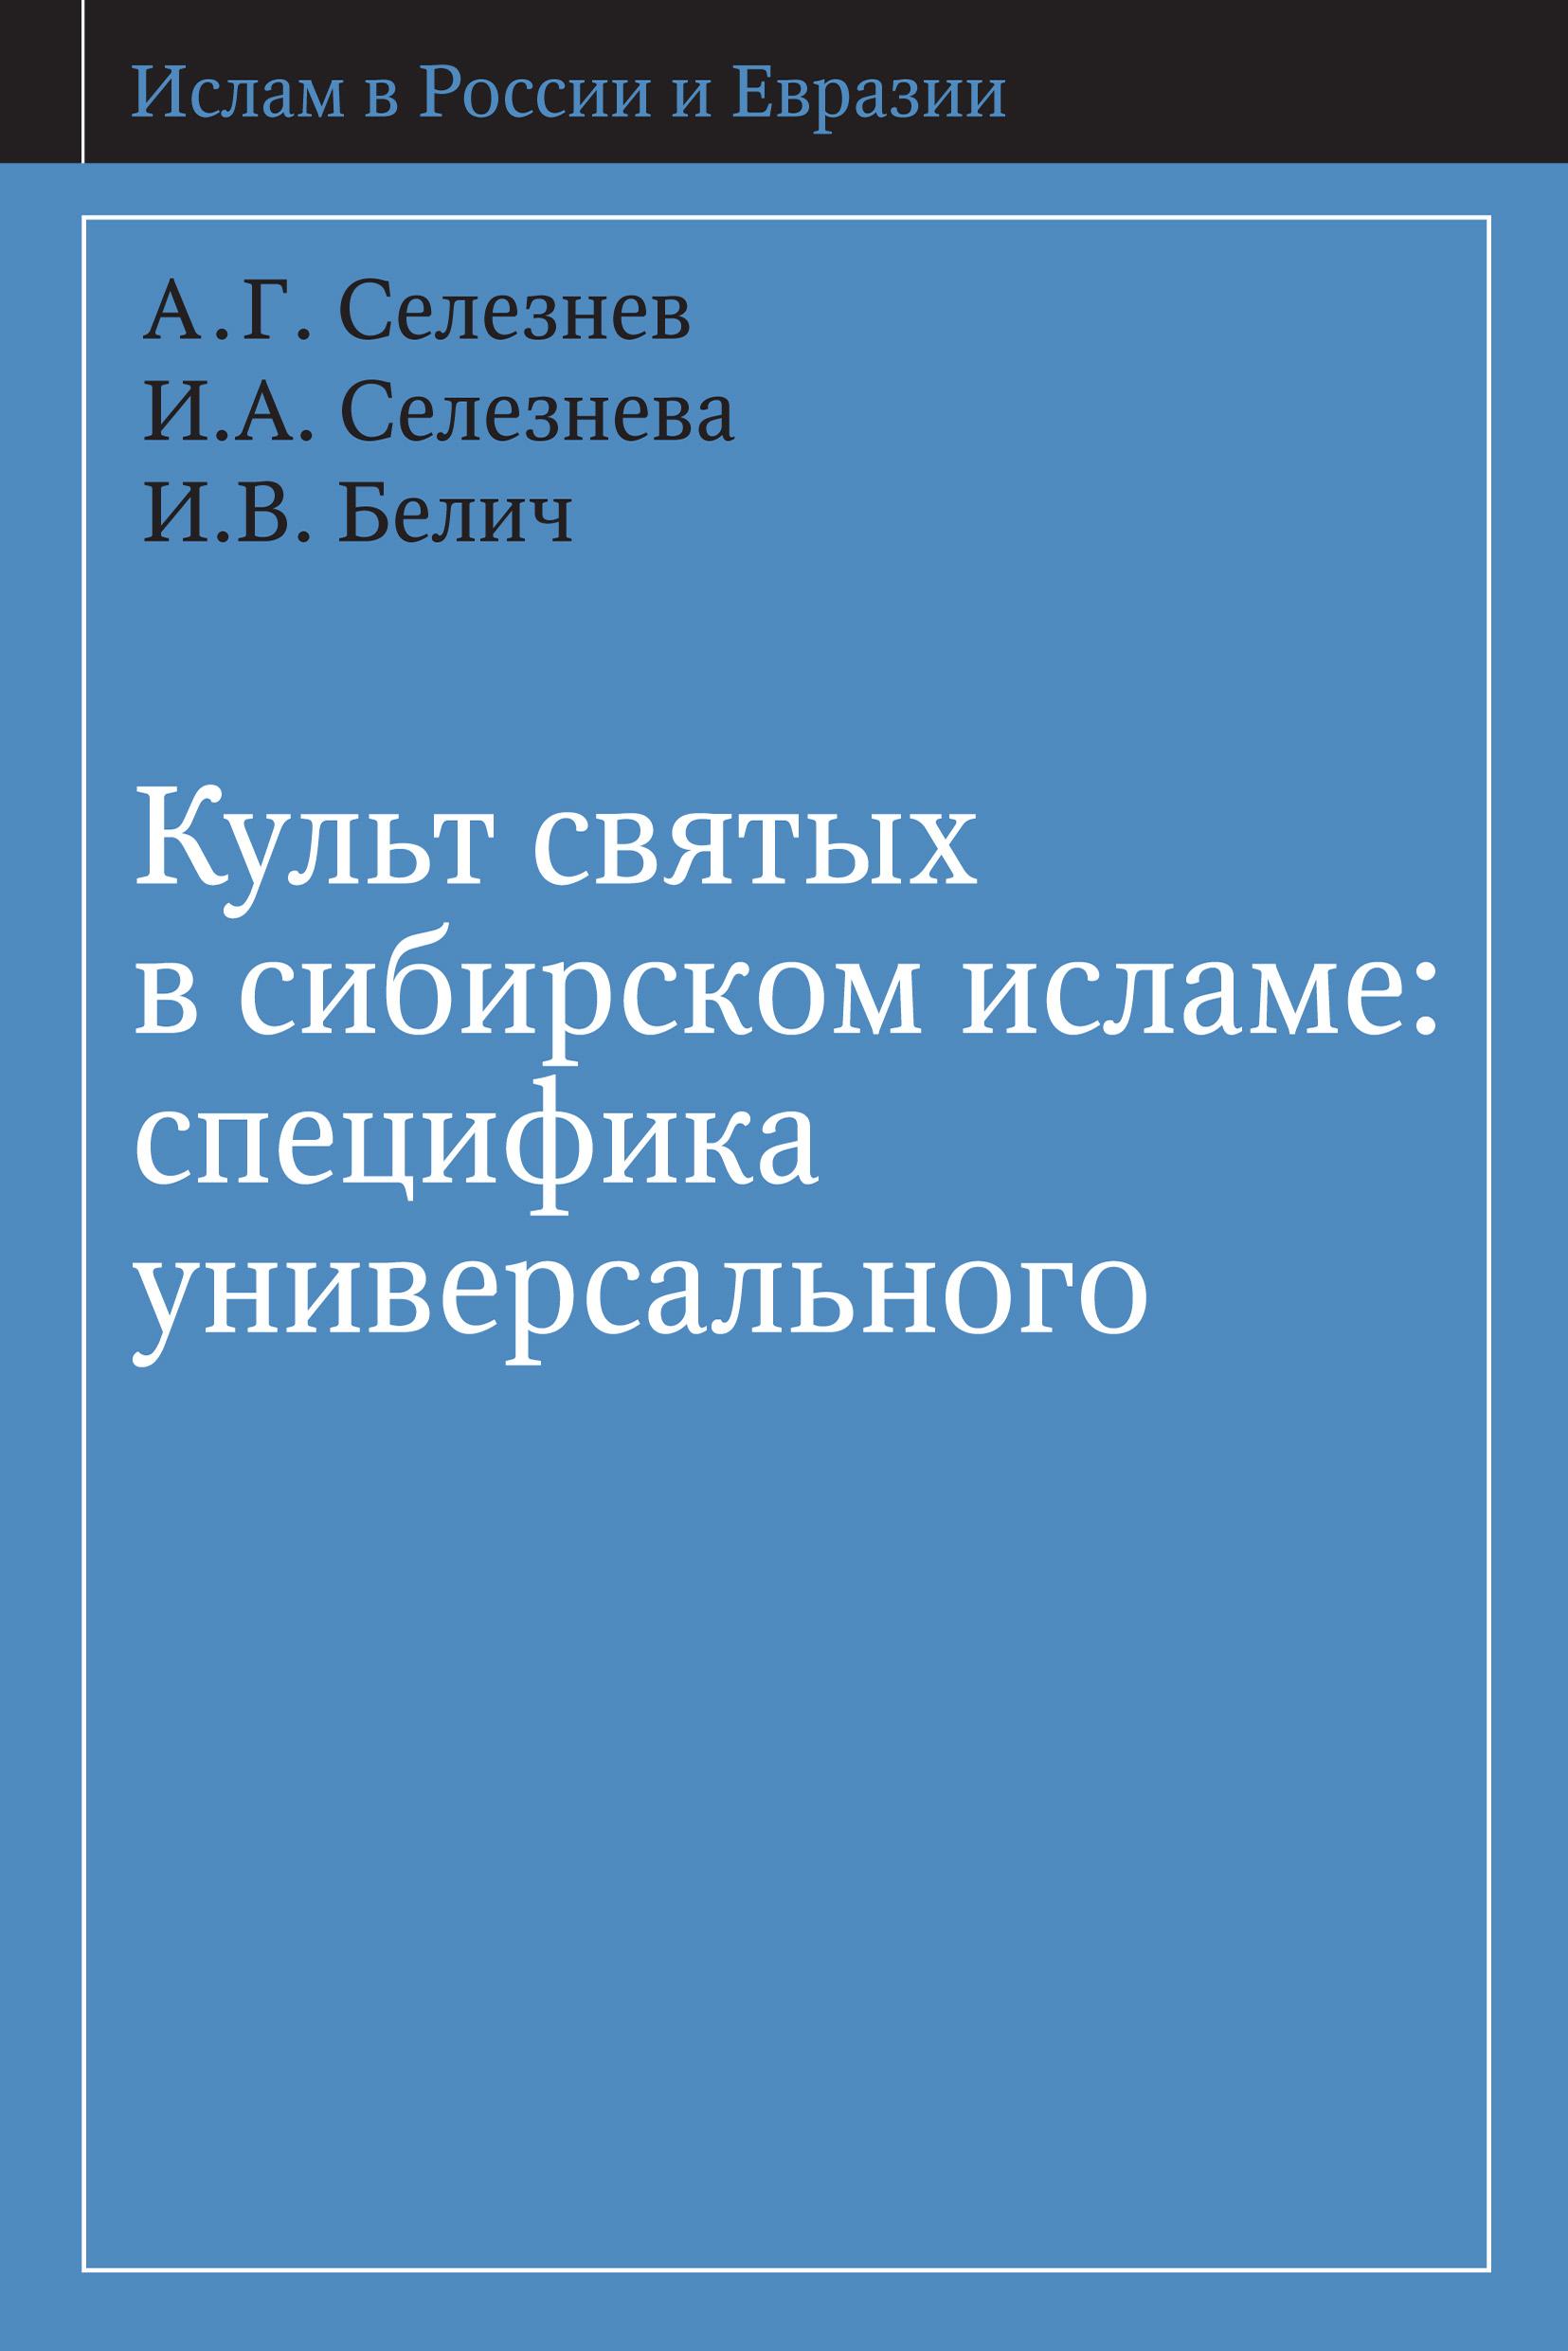 Культ святых в сибирском исламе: специфика универсального